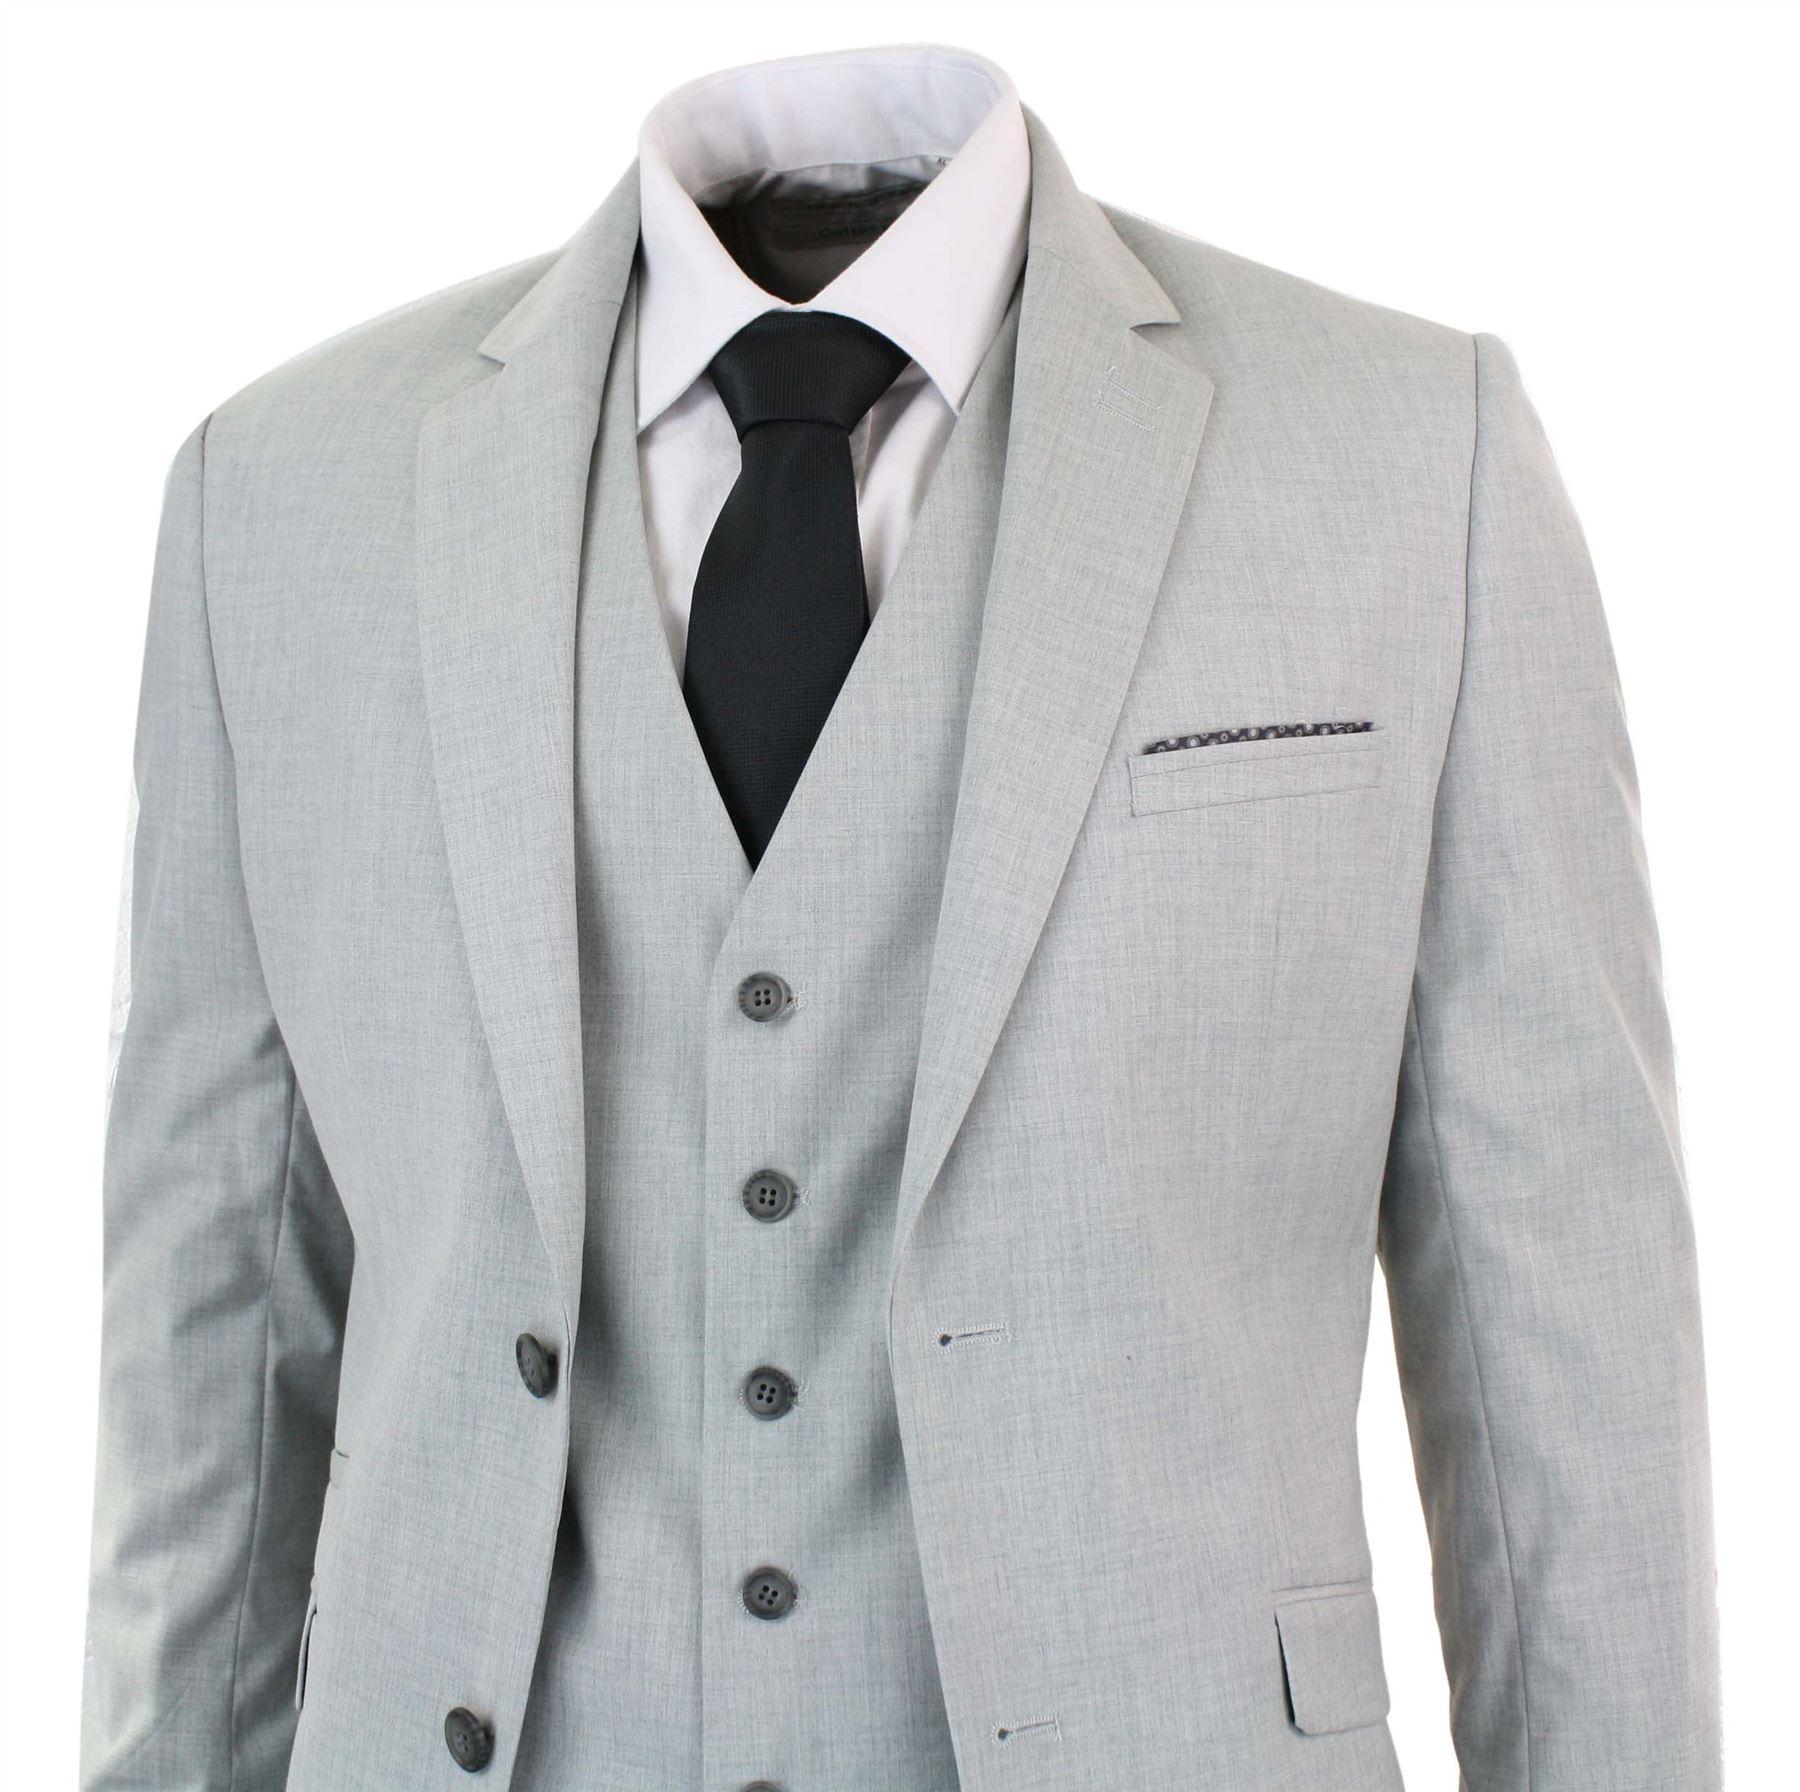 Costume 3 pi ces homme gris clair ajust veste gilet pantalon vendus s paremment ebay - Costume homme gris clair ...